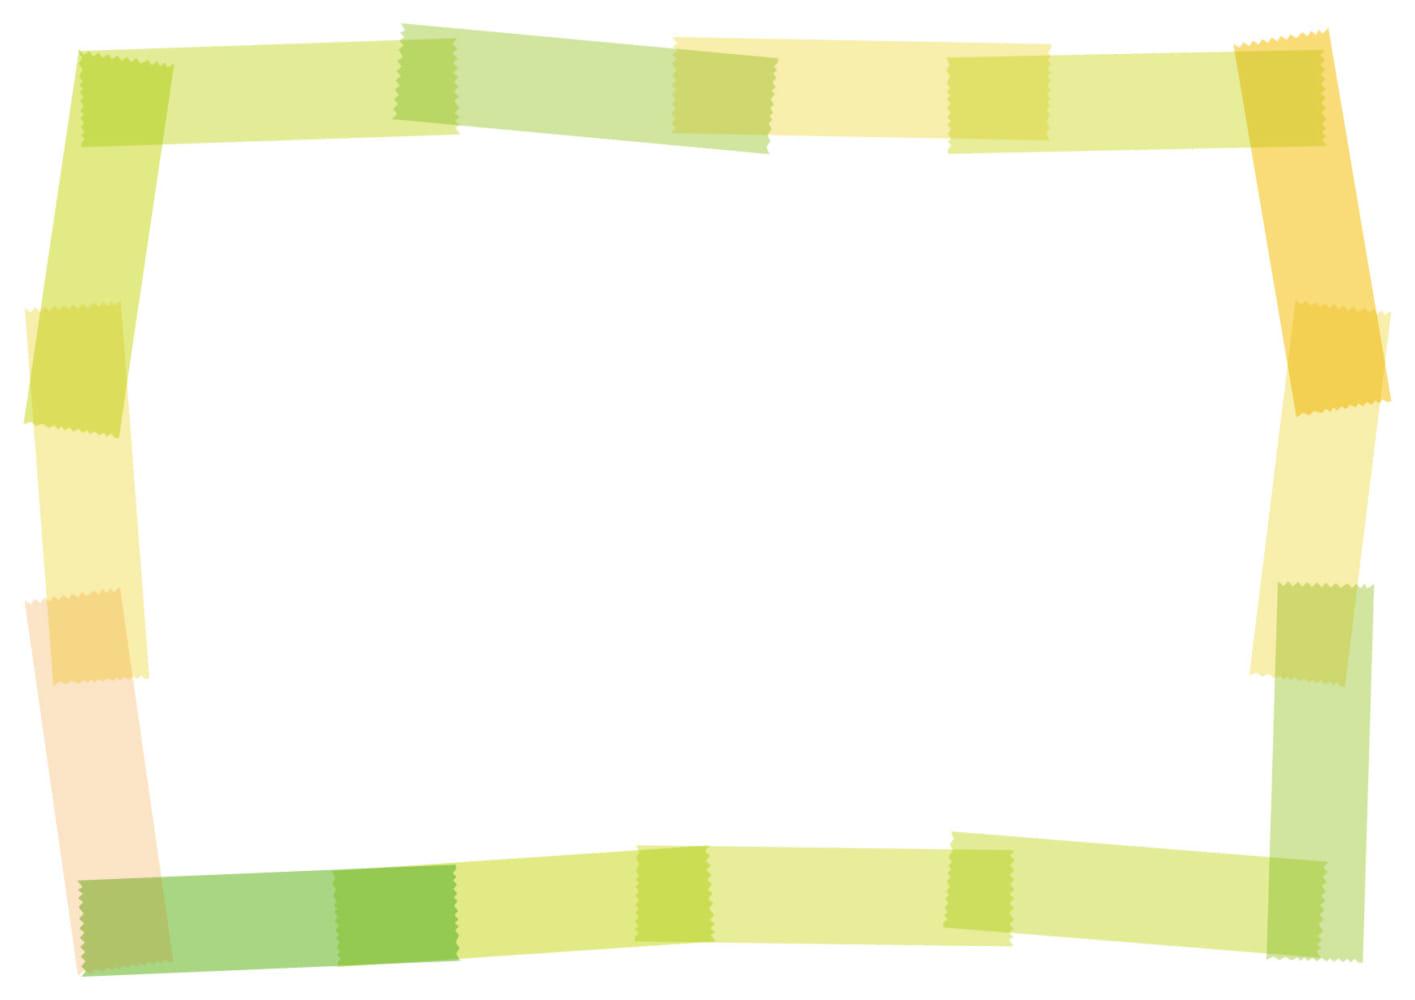 マスキングテープ フレーム 黄色 イラスト 無料